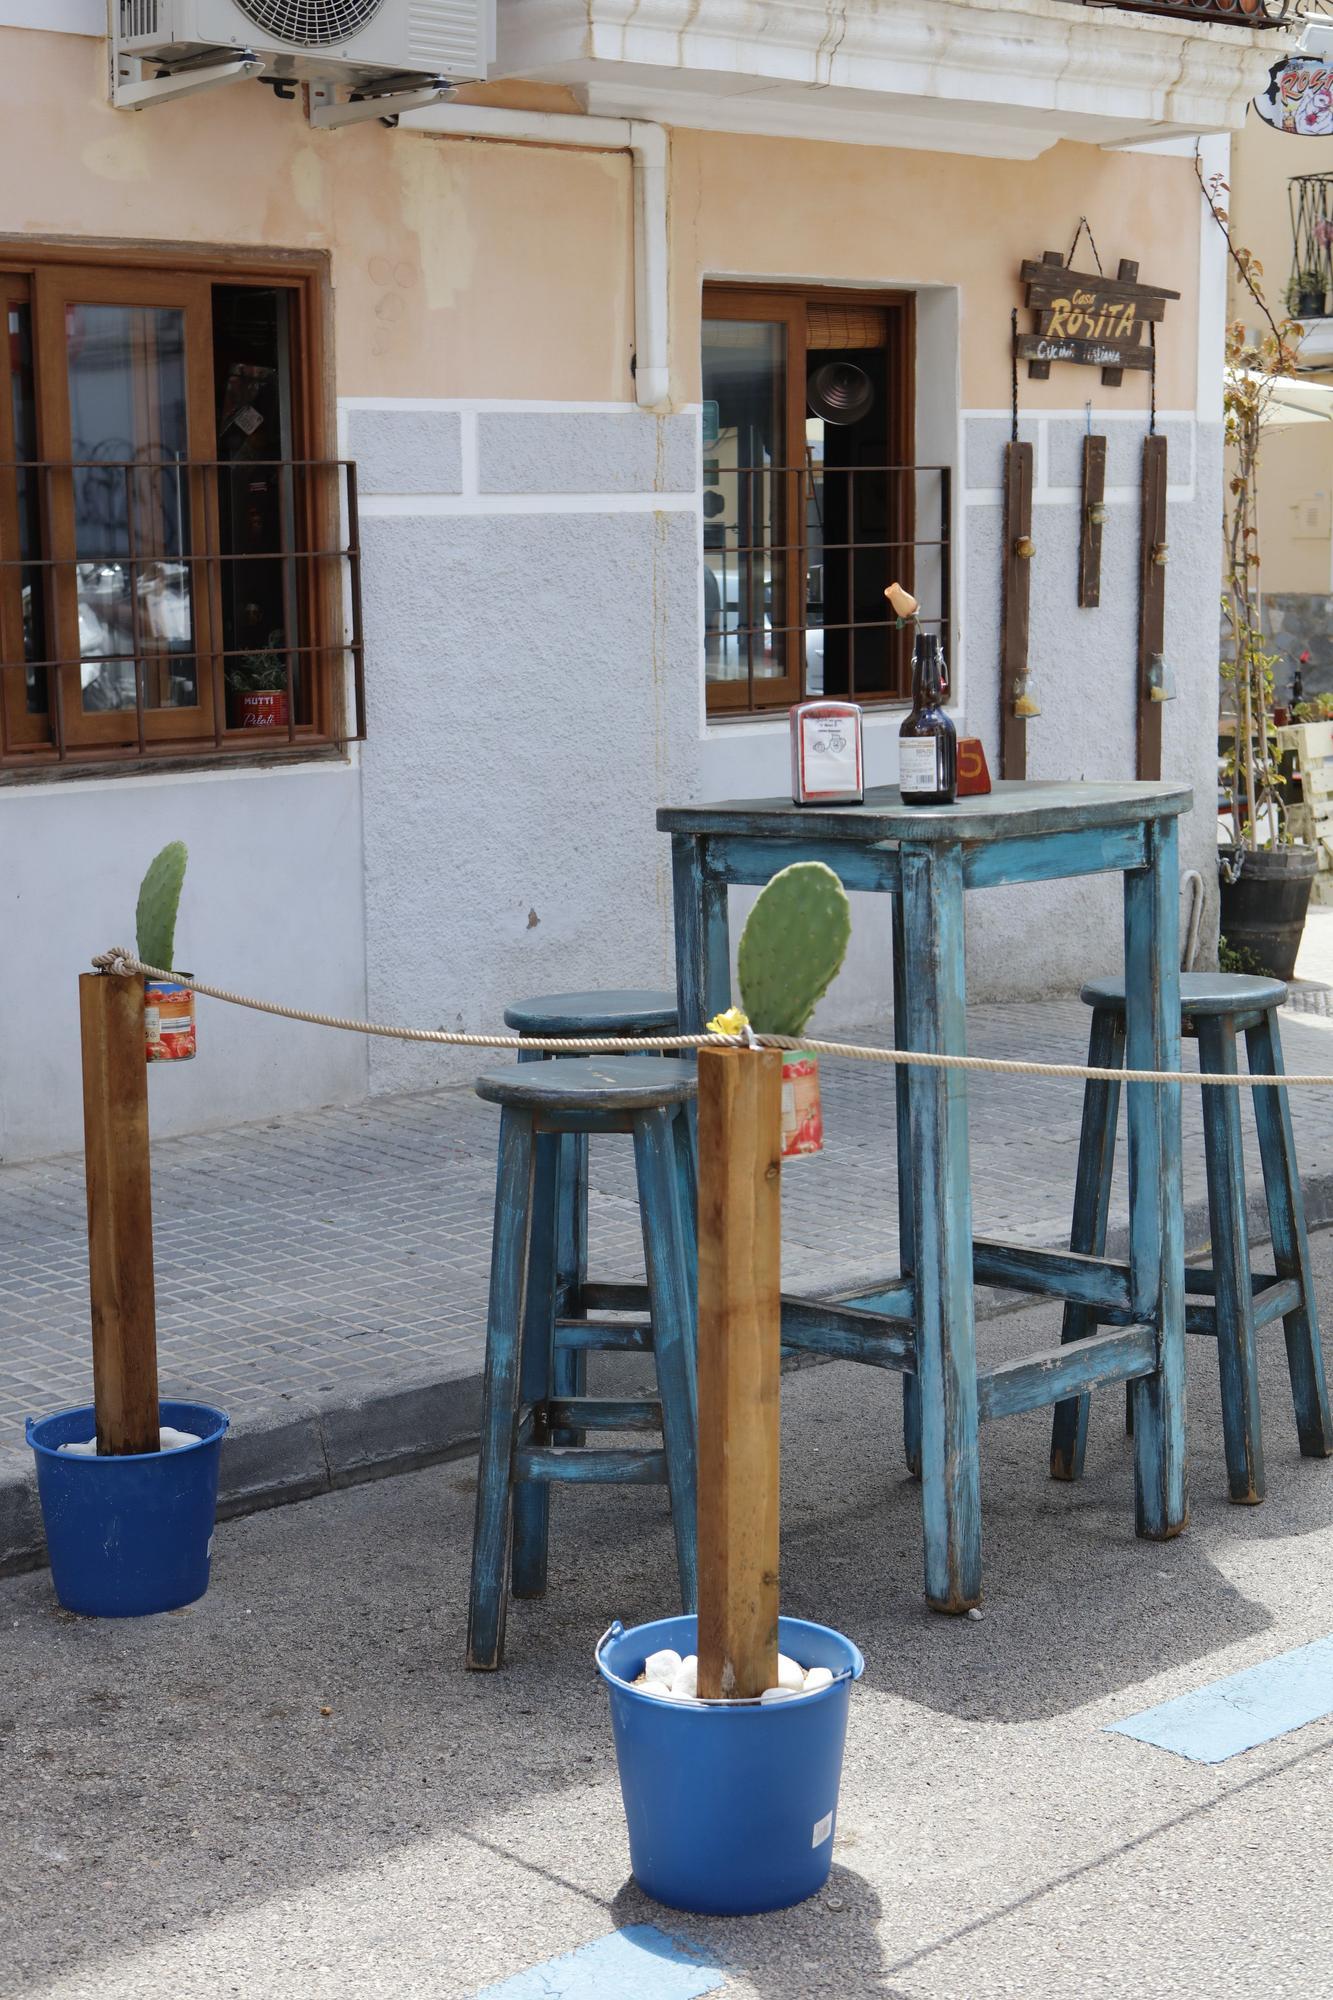 Erinnerung an die Corona-Terrassen in Palma